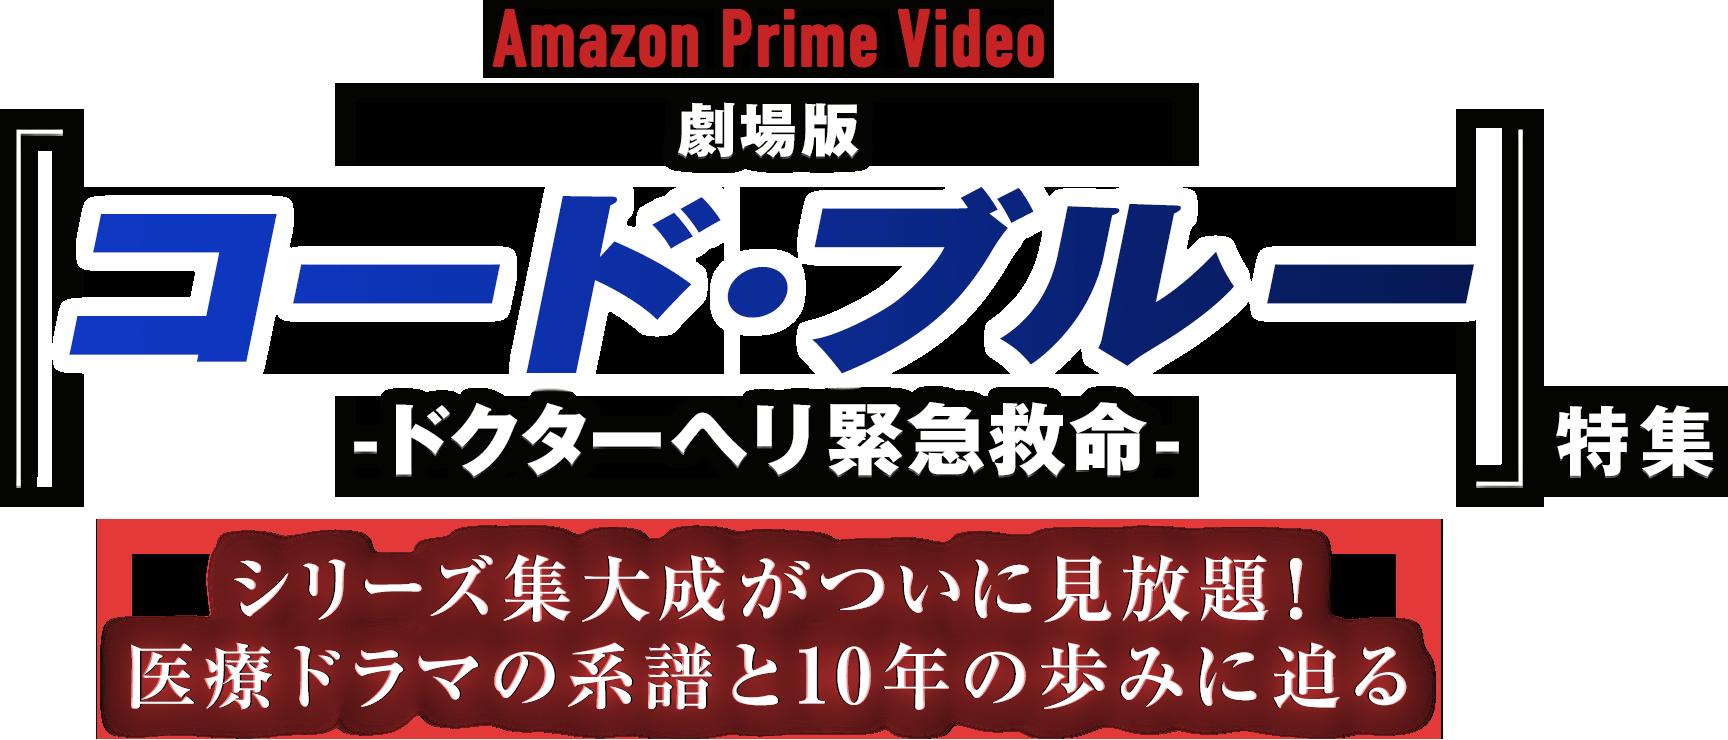 Amazon Prime Video「劇場版コード・ブルー -ドクターヘリ緊急救命-」特集|シリーズ集大成がついに見放題!医療ドラマの系譜と10年の歩みに迫る